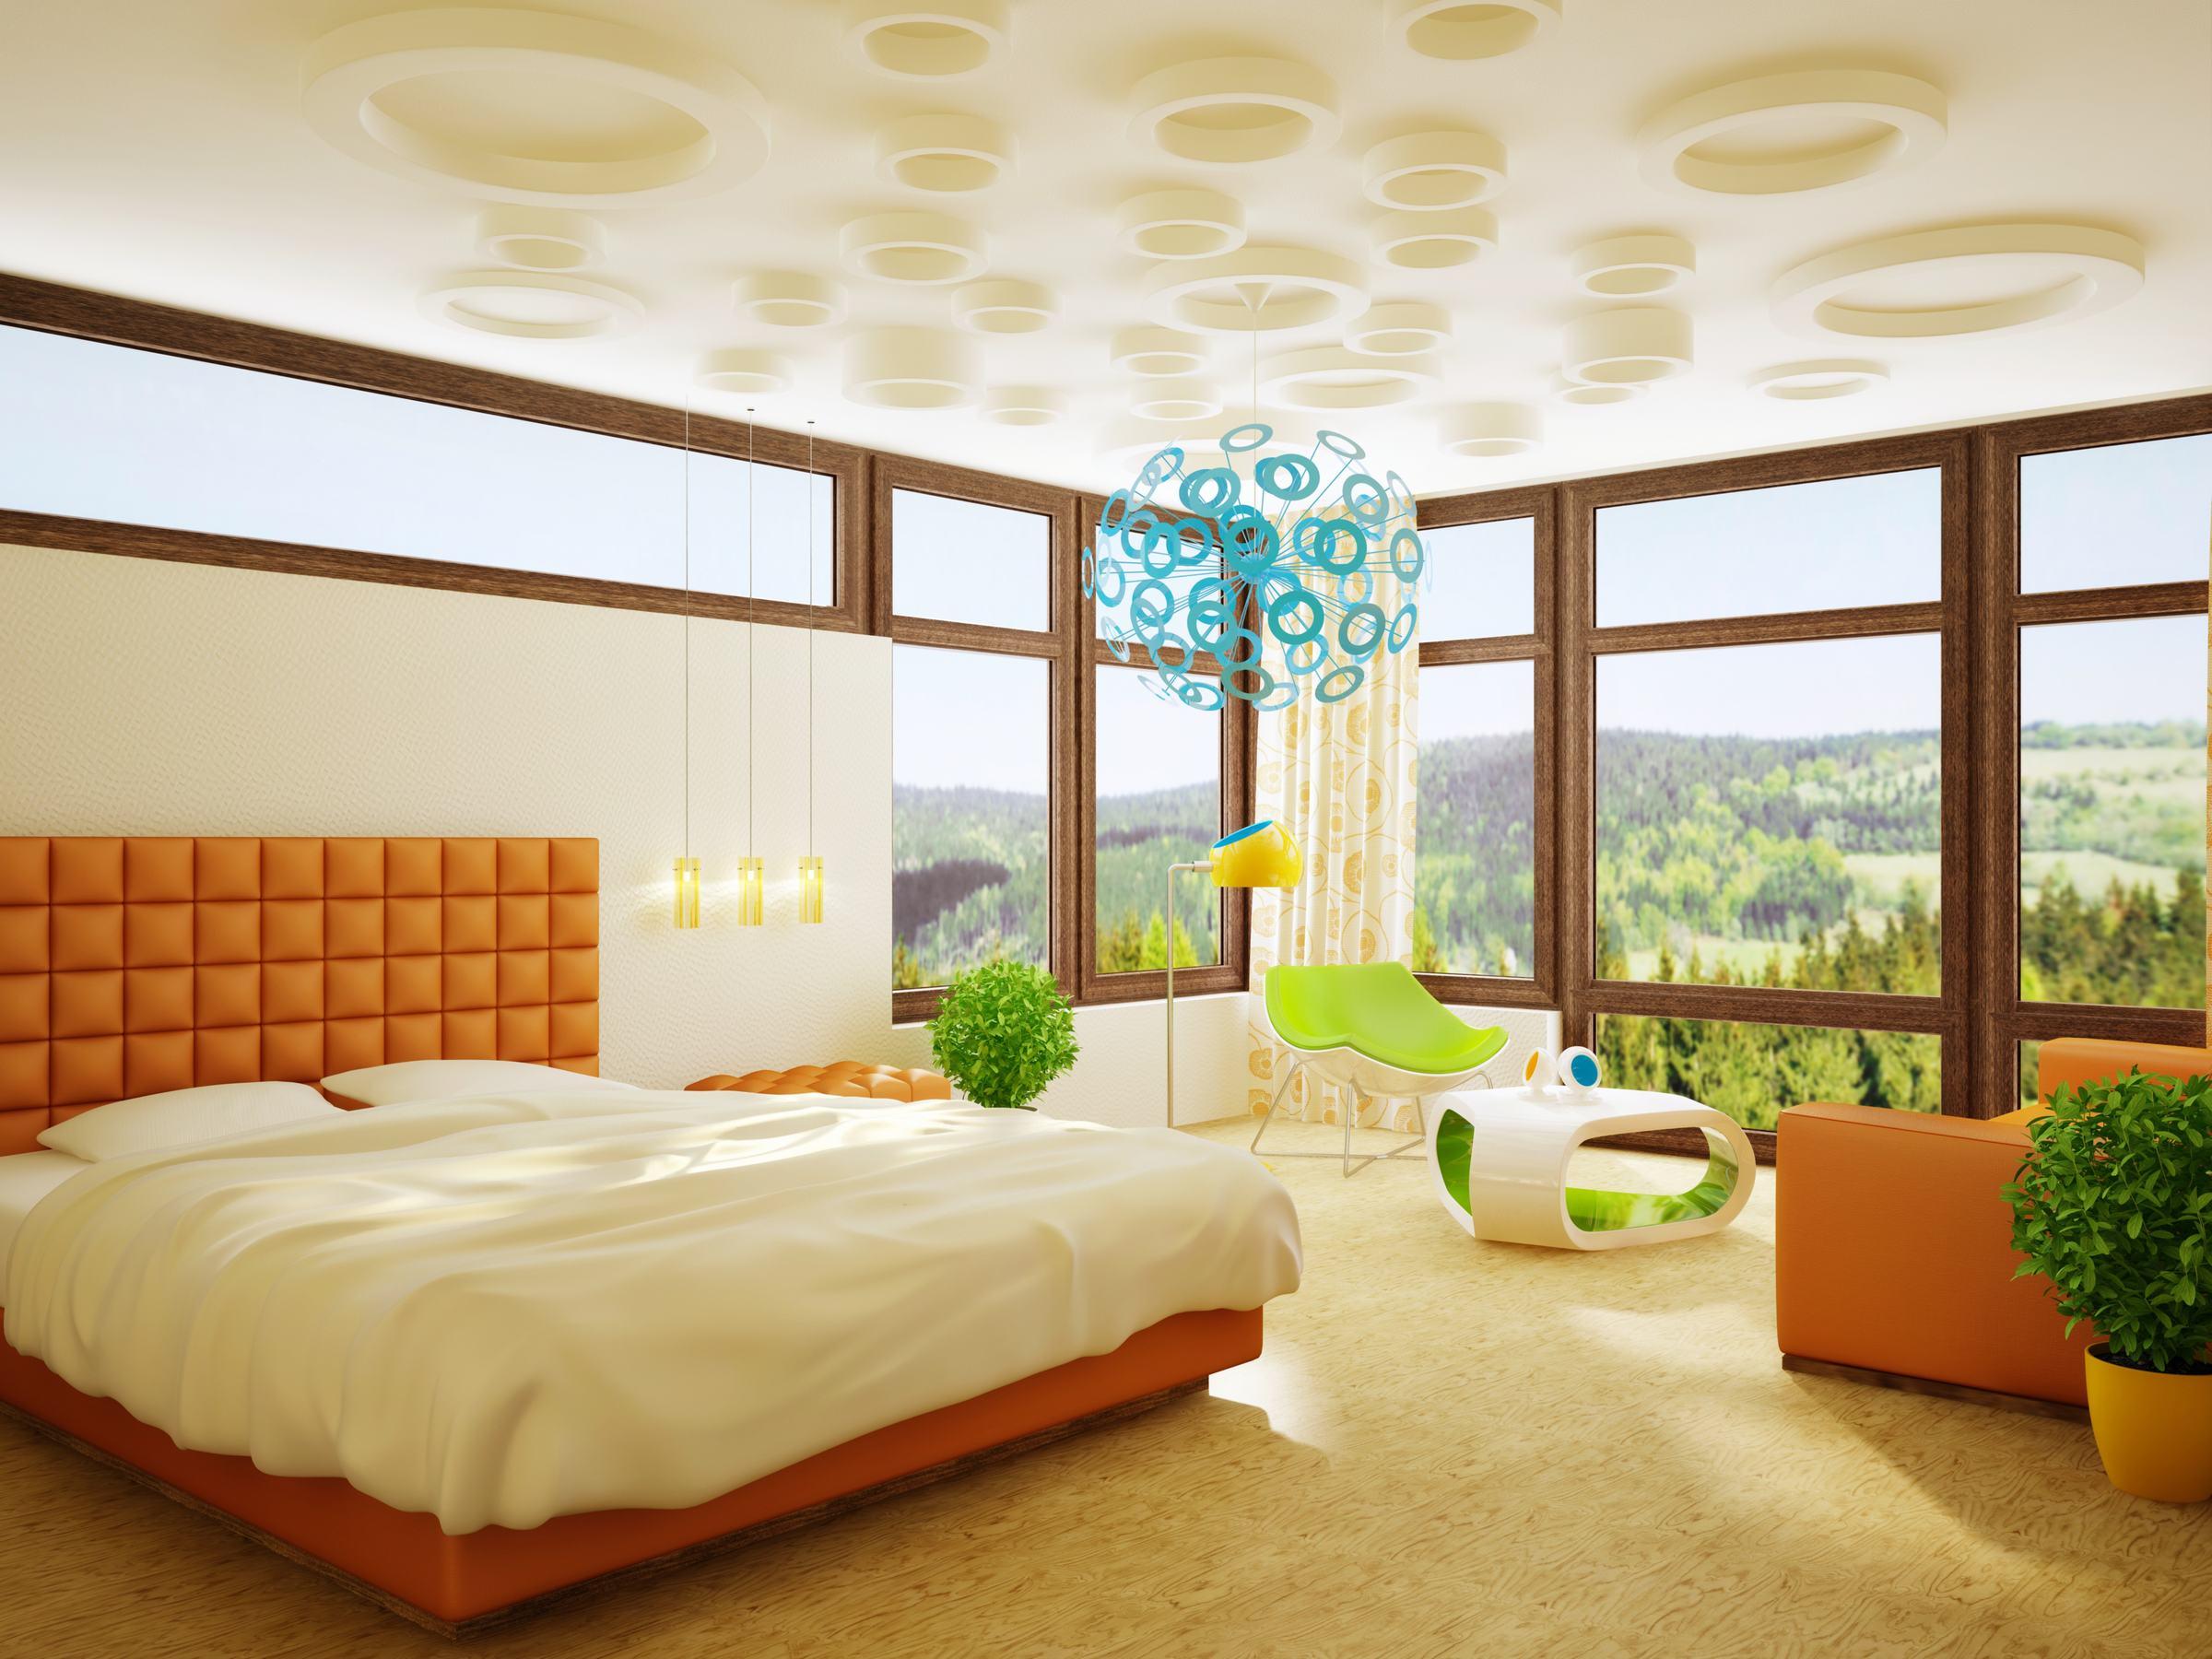 mẫu trần thạch cao phòng ngủ đơn giản mà đẹp | Vĩnh Tường